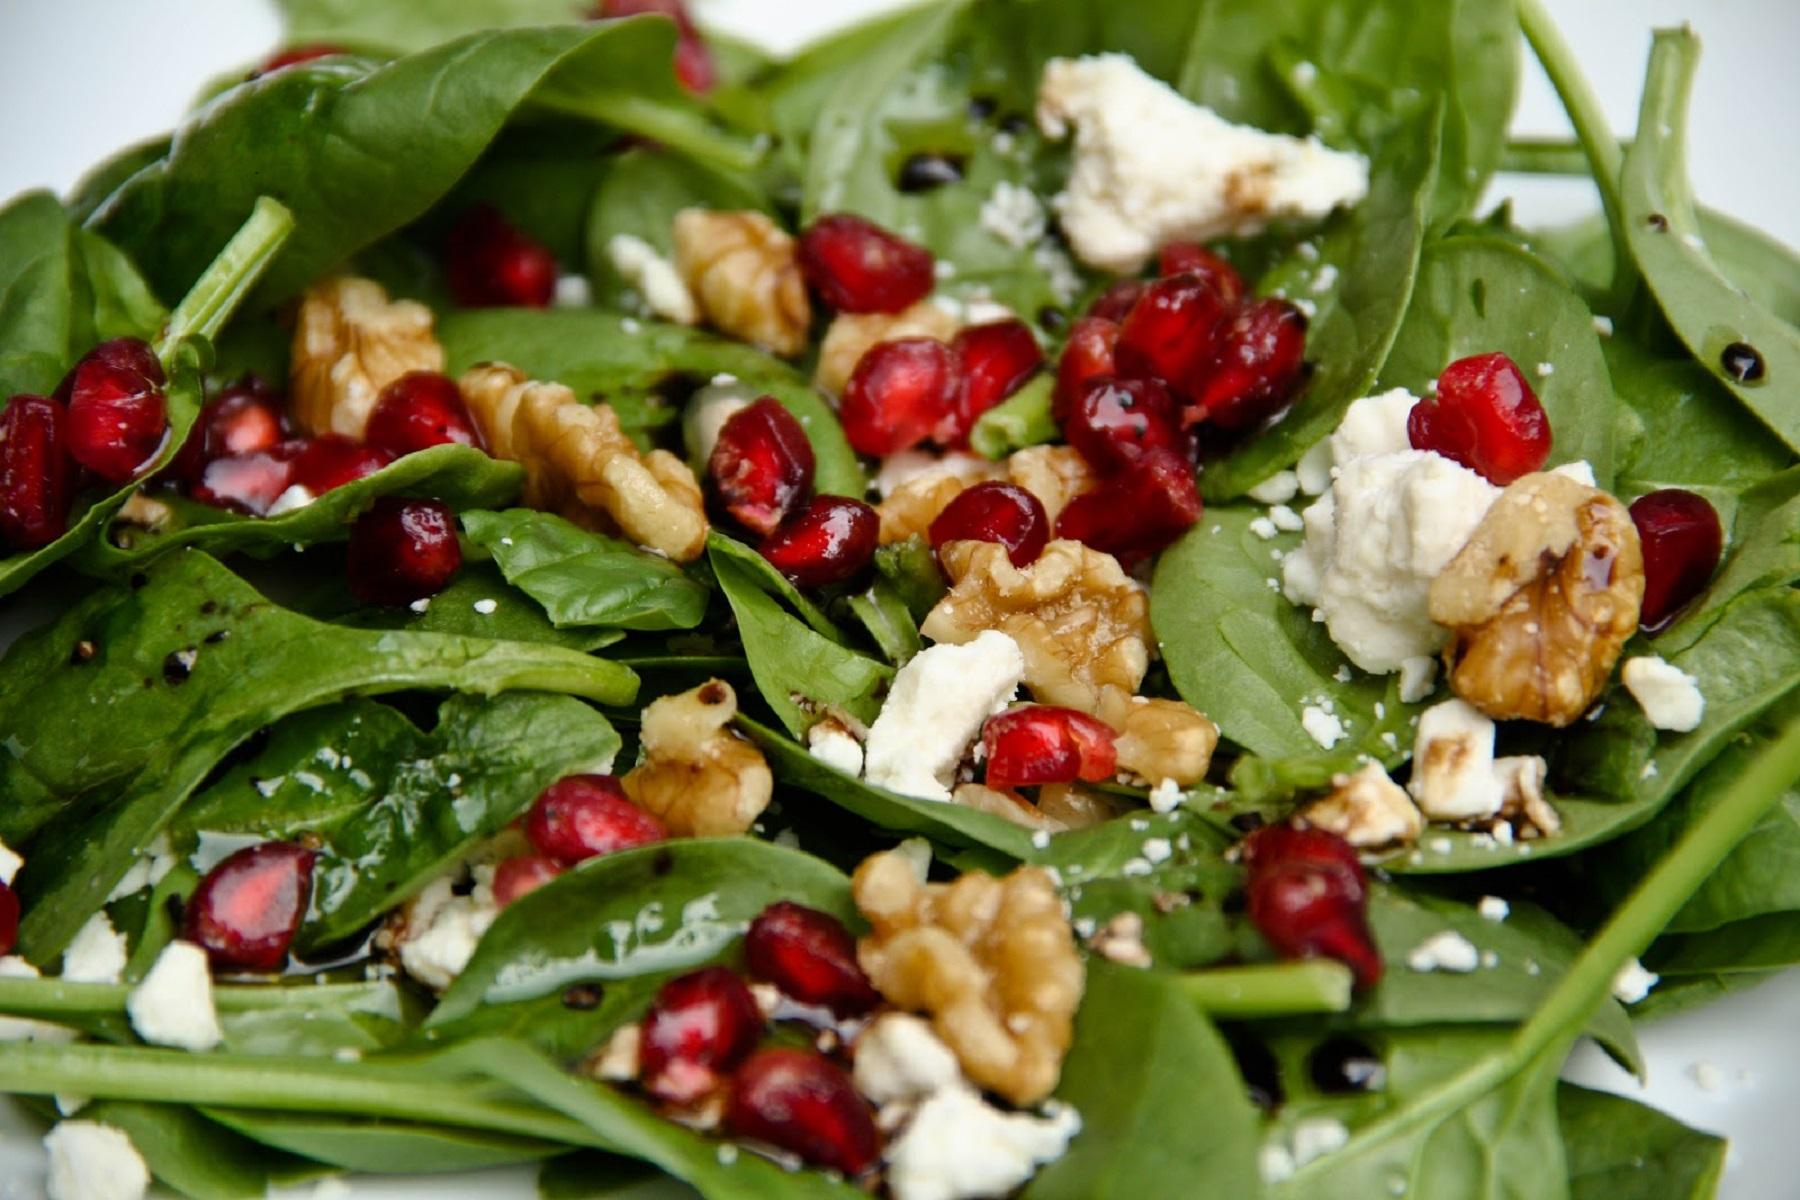 Φθινόπωρο Συνταγές: Ιδιαίτερες σαλάτες που θα τις αγαπήσετε